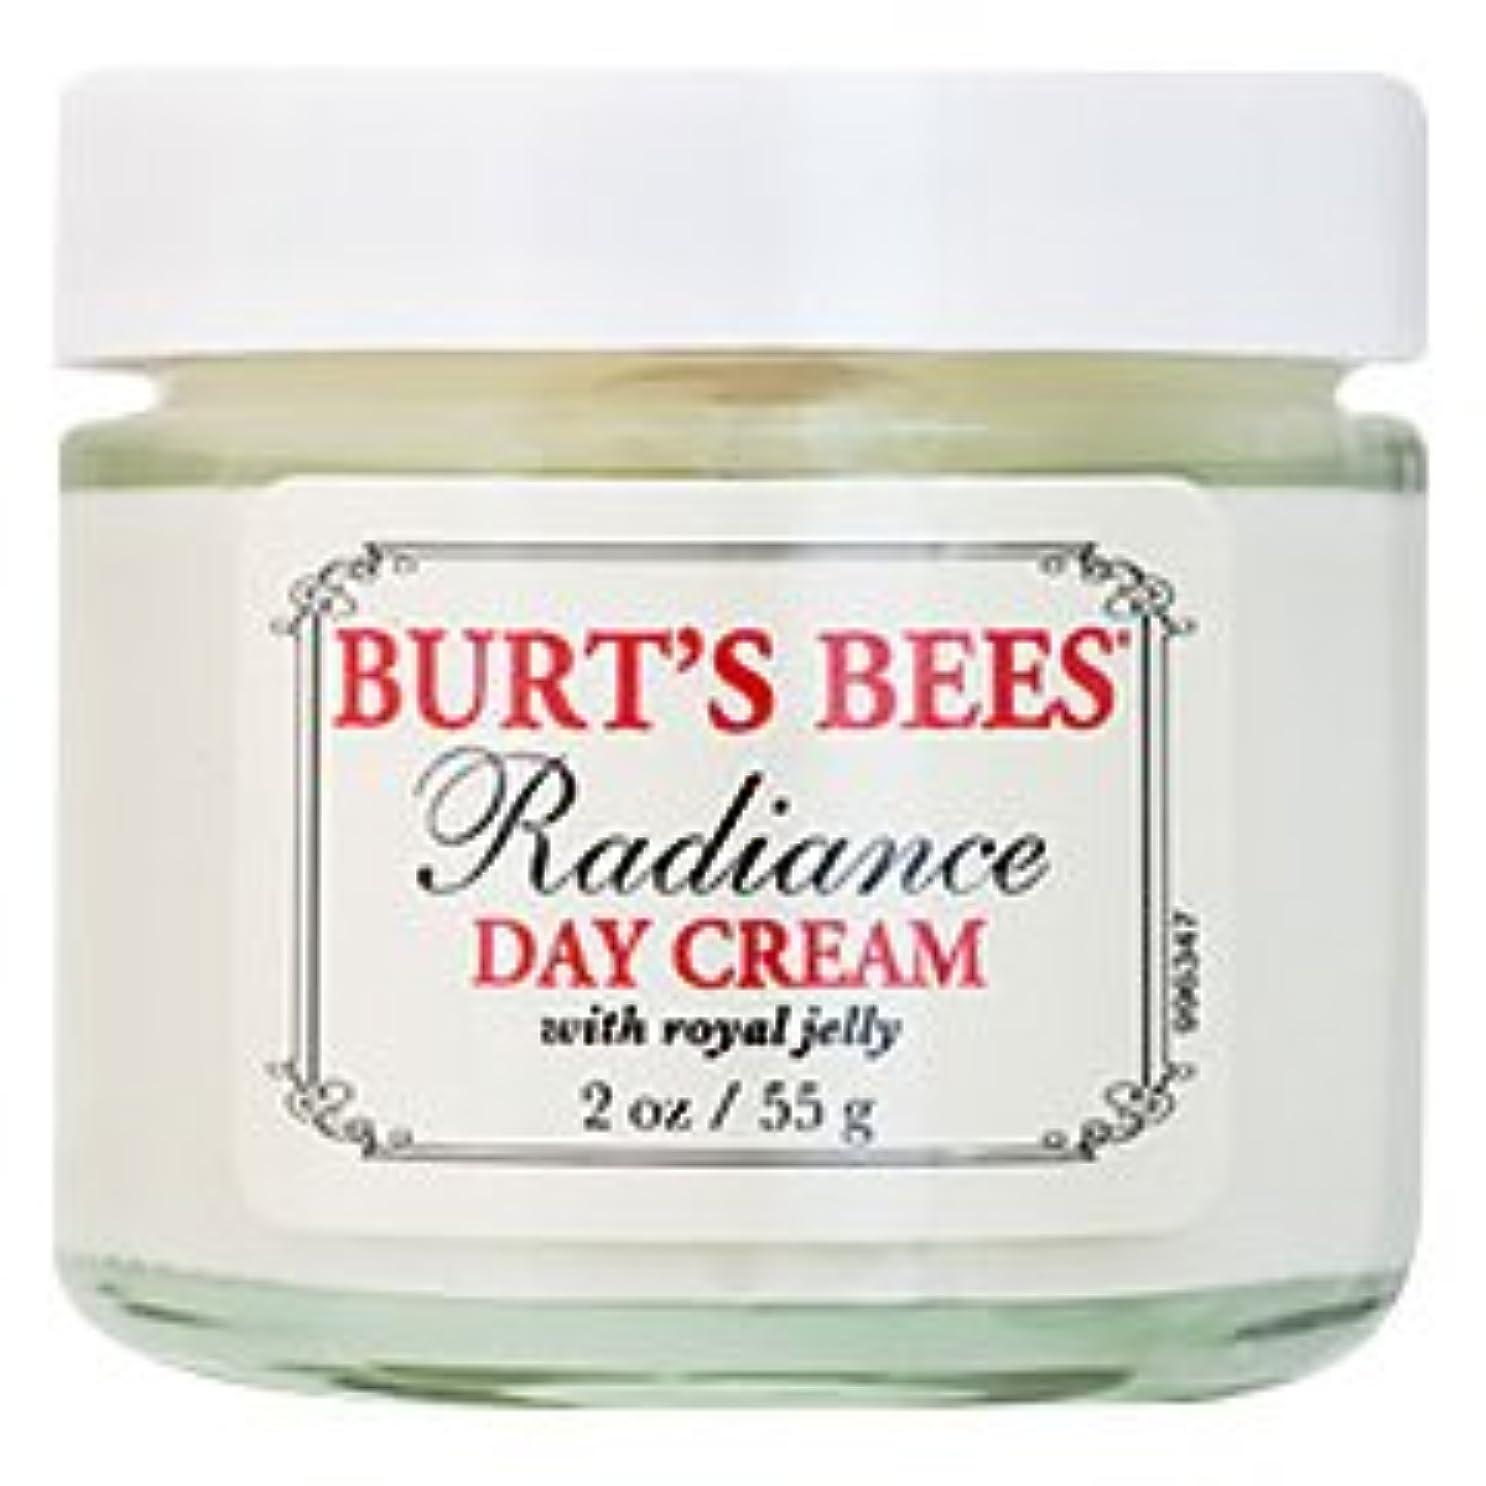 農奴脊椎平均バーツビーズ(Burt's Bees) ラディアンス デイクリーム(ロイヤルジェリー) 55g [海外直送品][並行輸入品]